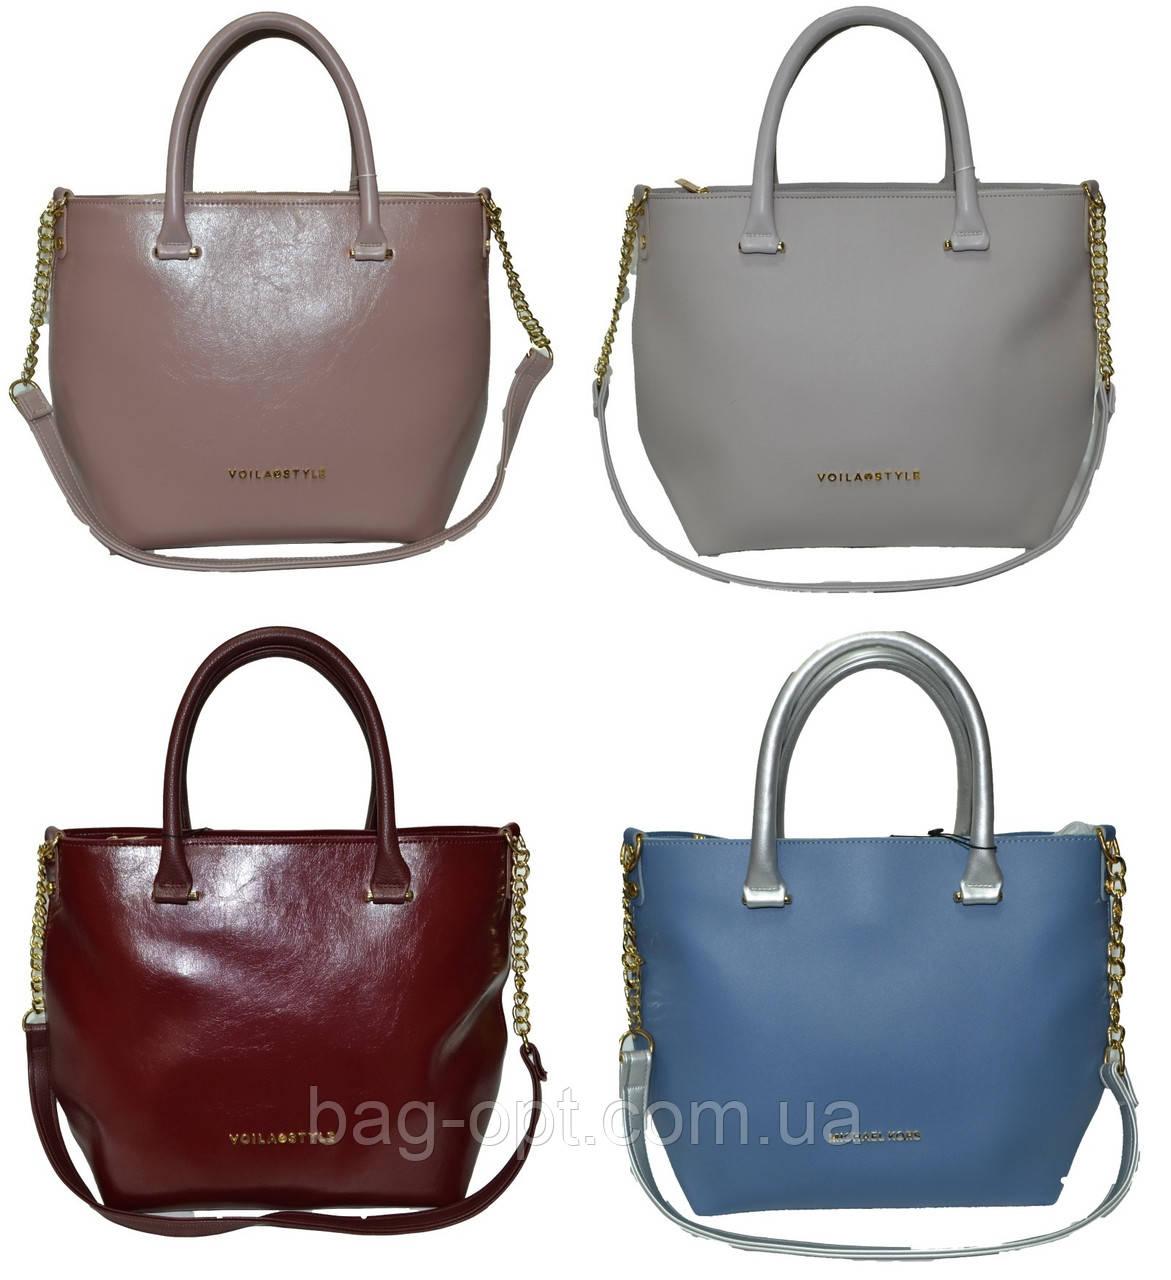 01b68bf7ed85 Женская сумка Voila (29*32*14) Art.529, цена 440 грн., купить в ...